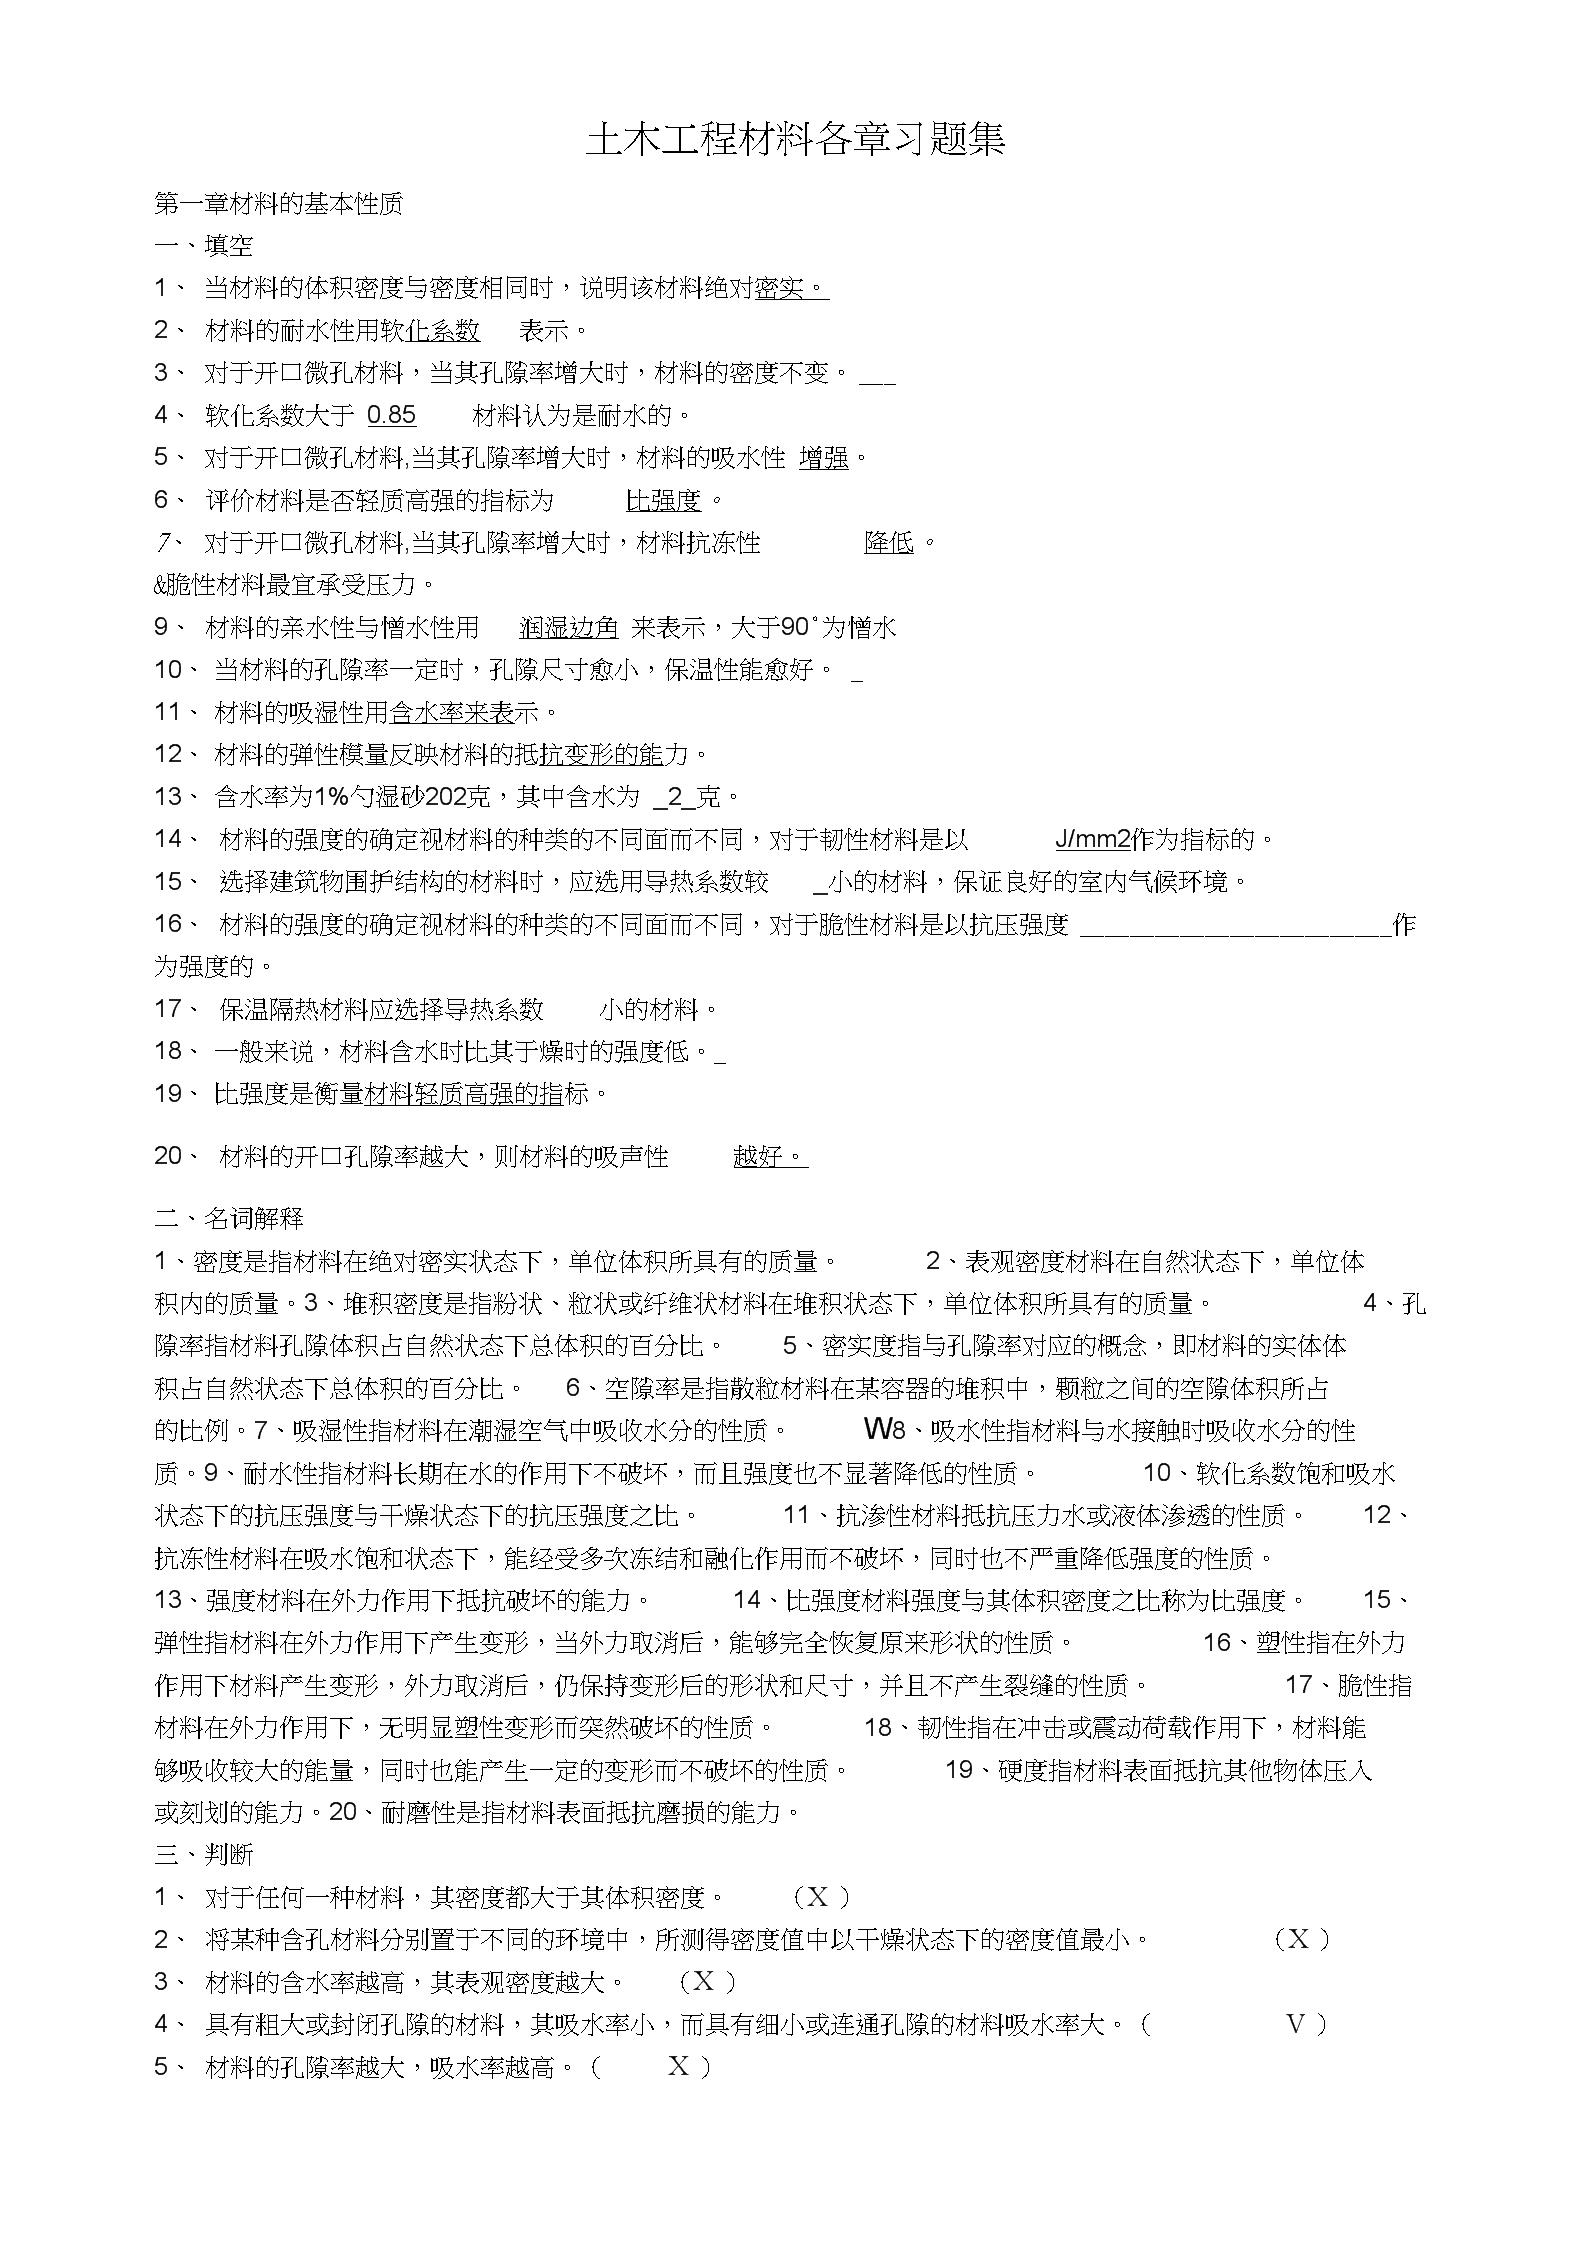 土木工程材料试卷答案(同名9001).docx